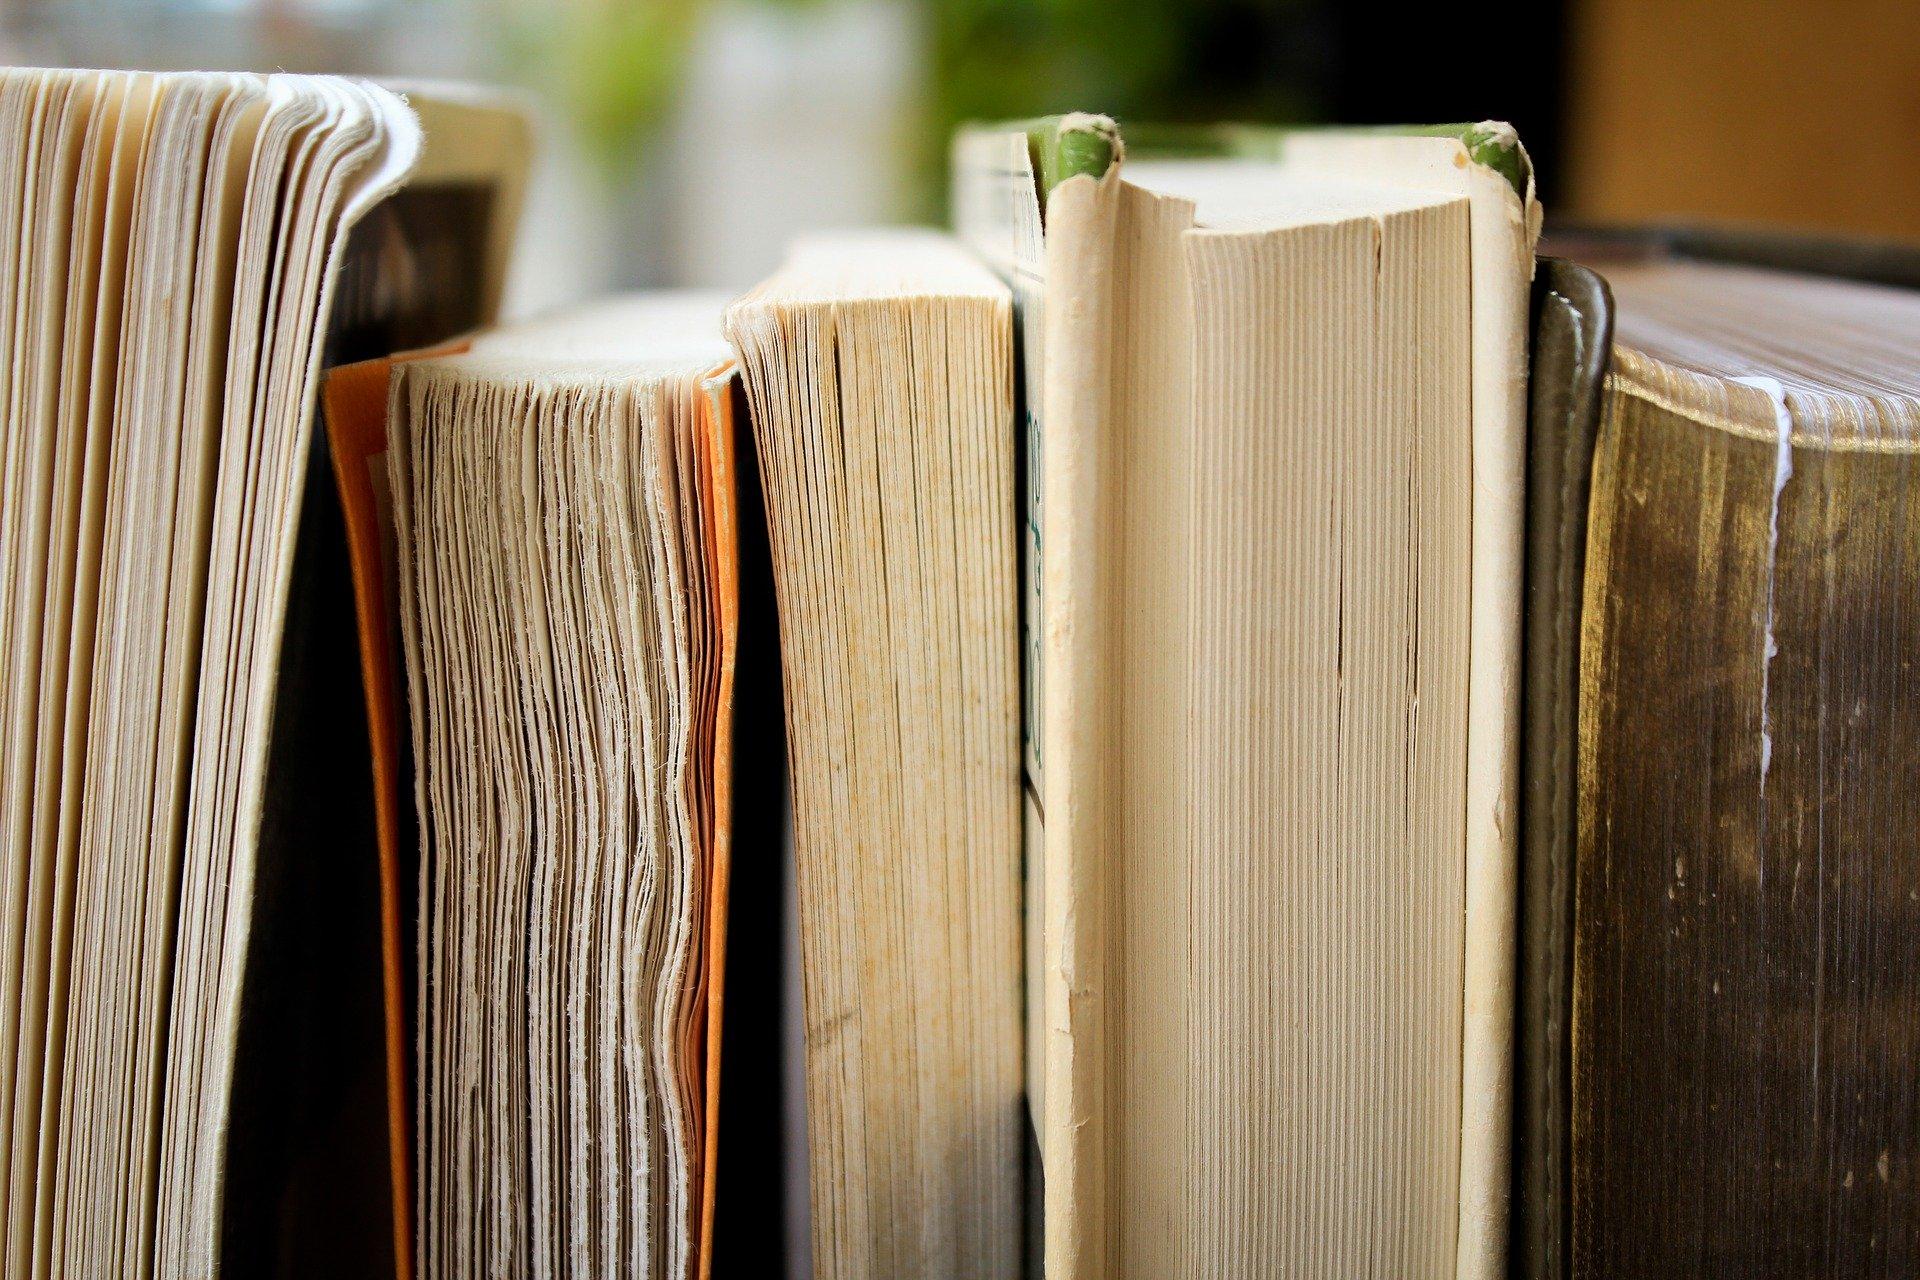 Buchzusammenfassung von getAbstract – mein Erfahrungsbericht nach 4 Wochen Intensivnutzung